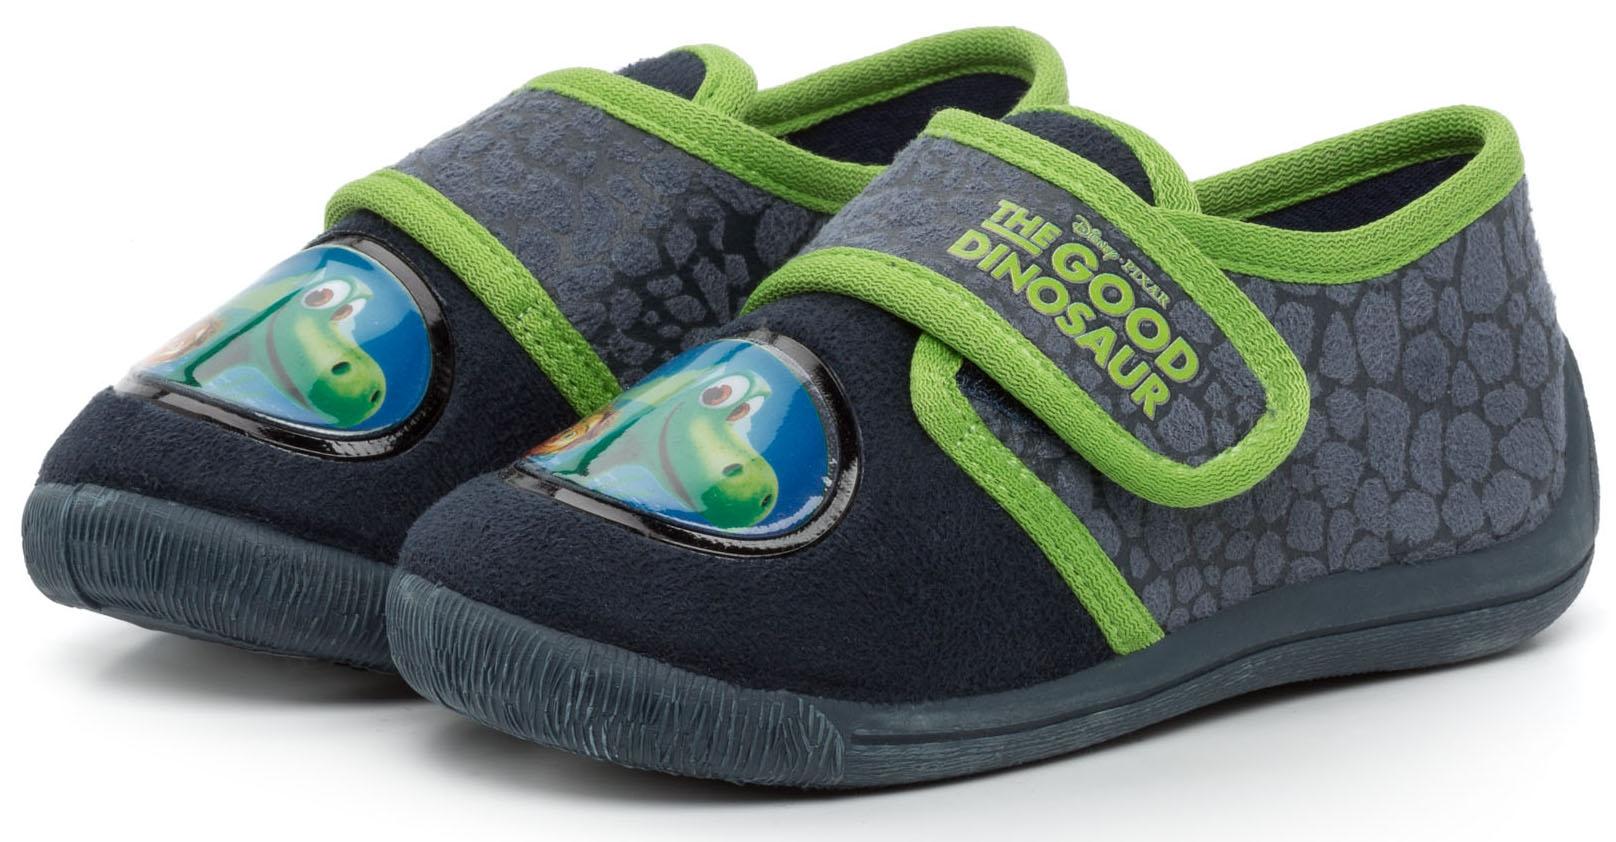 Кроссовки и кеды THE GOOD DINOSAUR Полуботинки для мальчика The Good Dinosaur, темно-синие с зеленой отделкой ботинки the good dinosaur ботинки